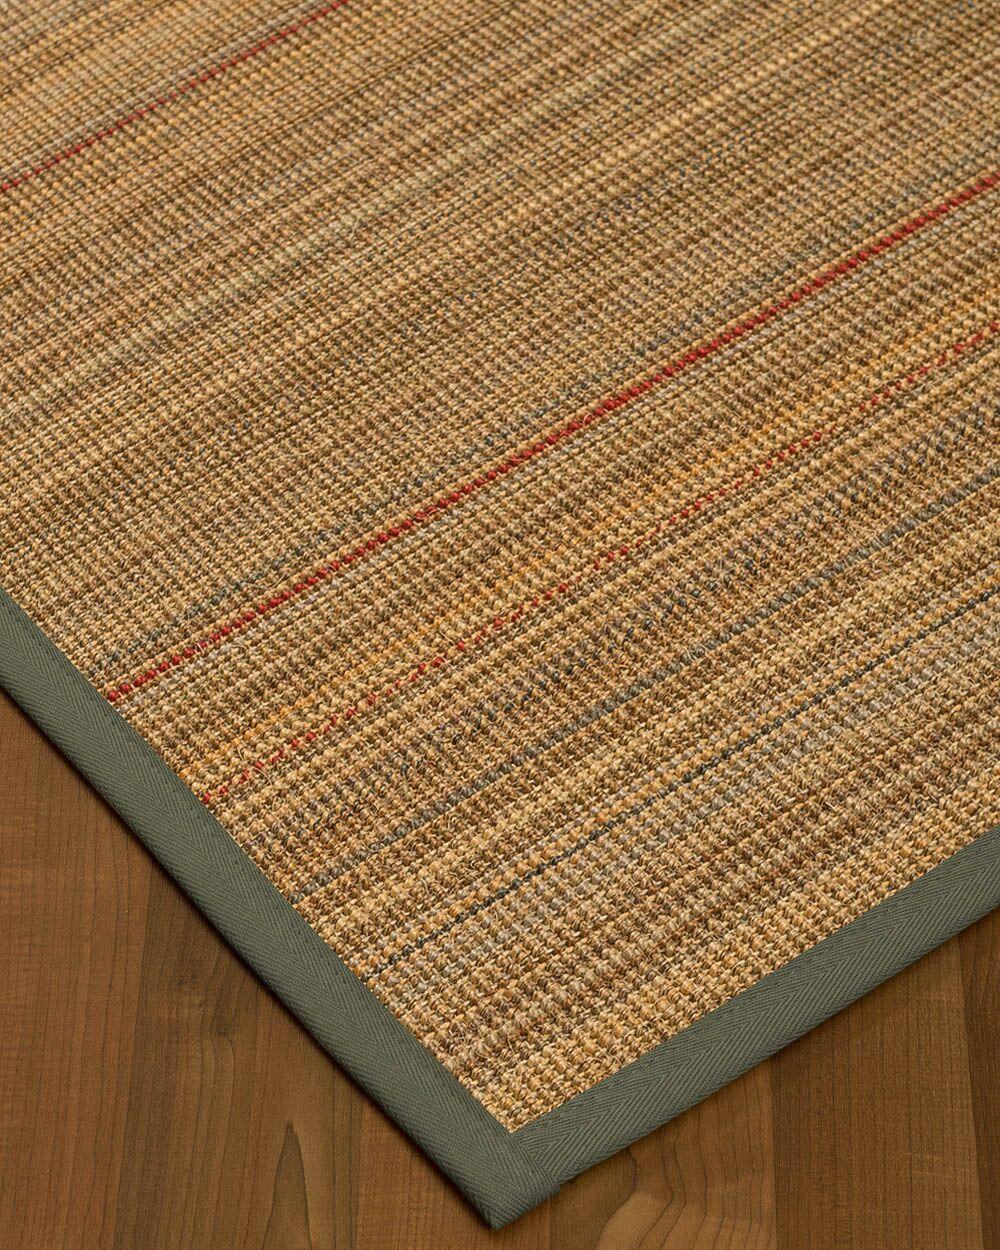 Kimble Hand-Woven Beige Area Rug Rug Size: Rectangle 5' x 8'